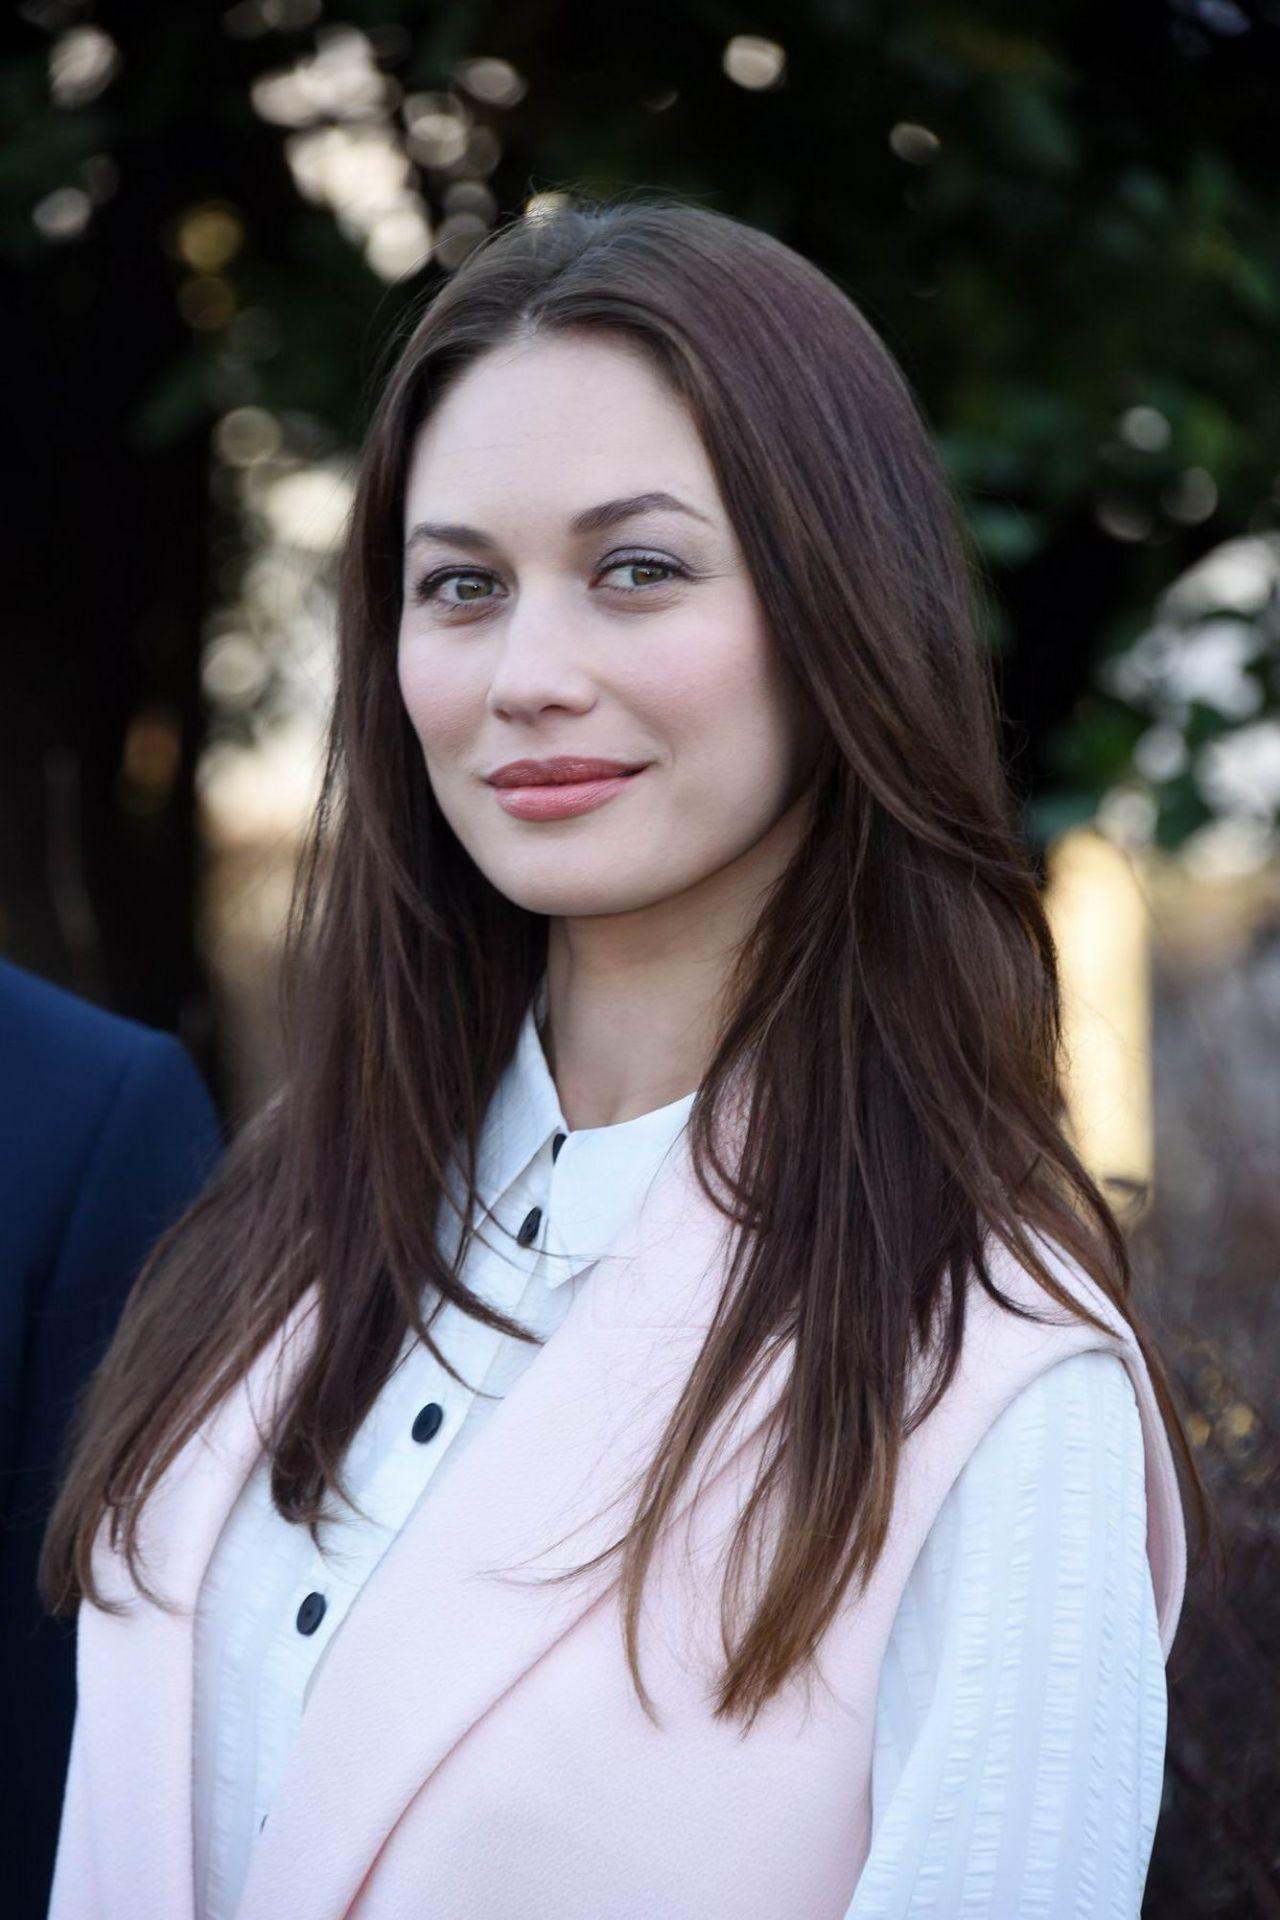 Olga Kurylenko Latest Photos - CelebMafia Vanessa Hudgens Wiki